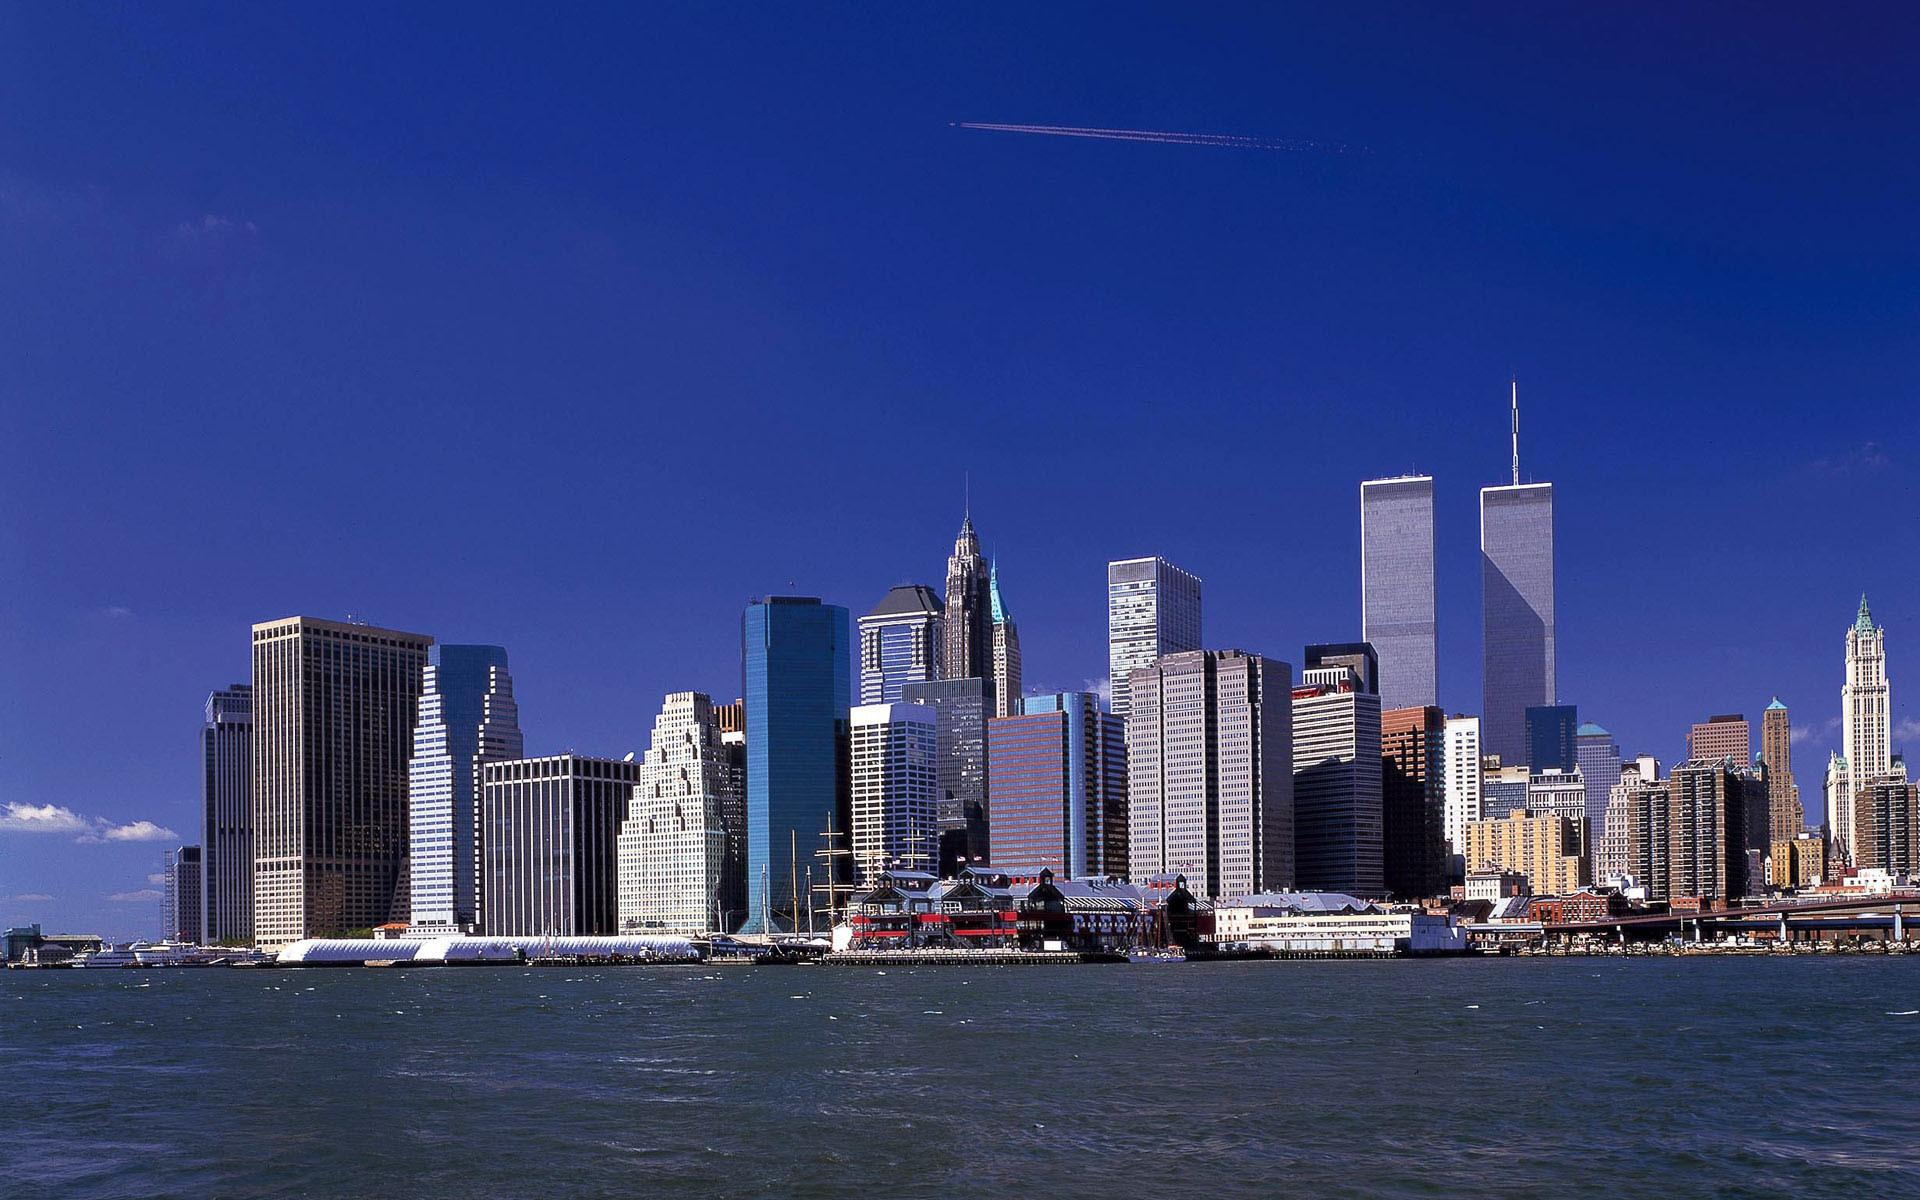 New-York-Skyline-Wallpaper.jpg